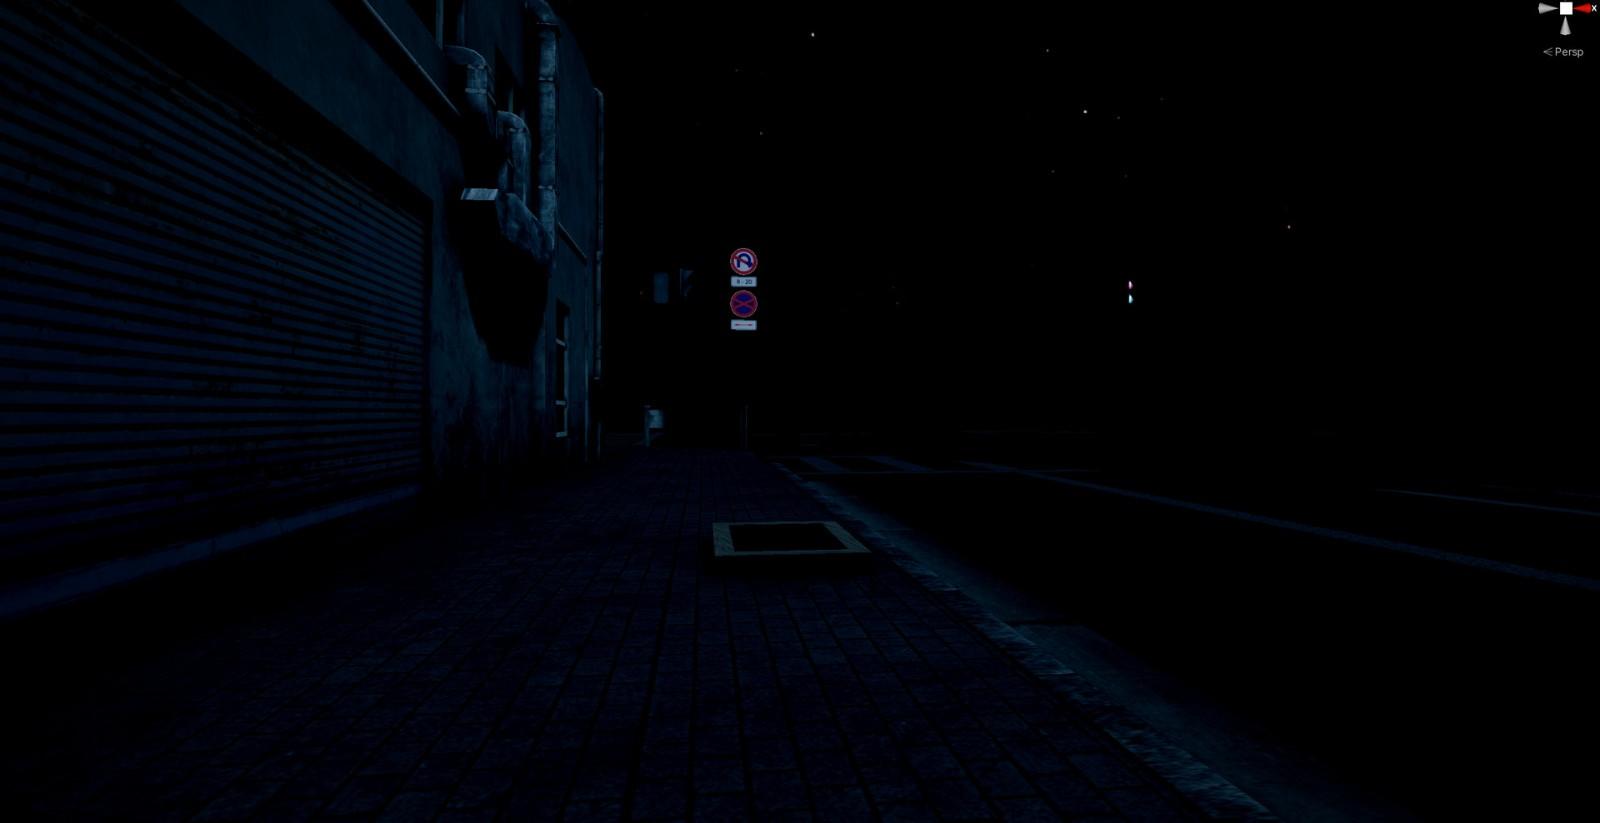 日式恐怖游戏《回家的路》上架Steam 不支持中文